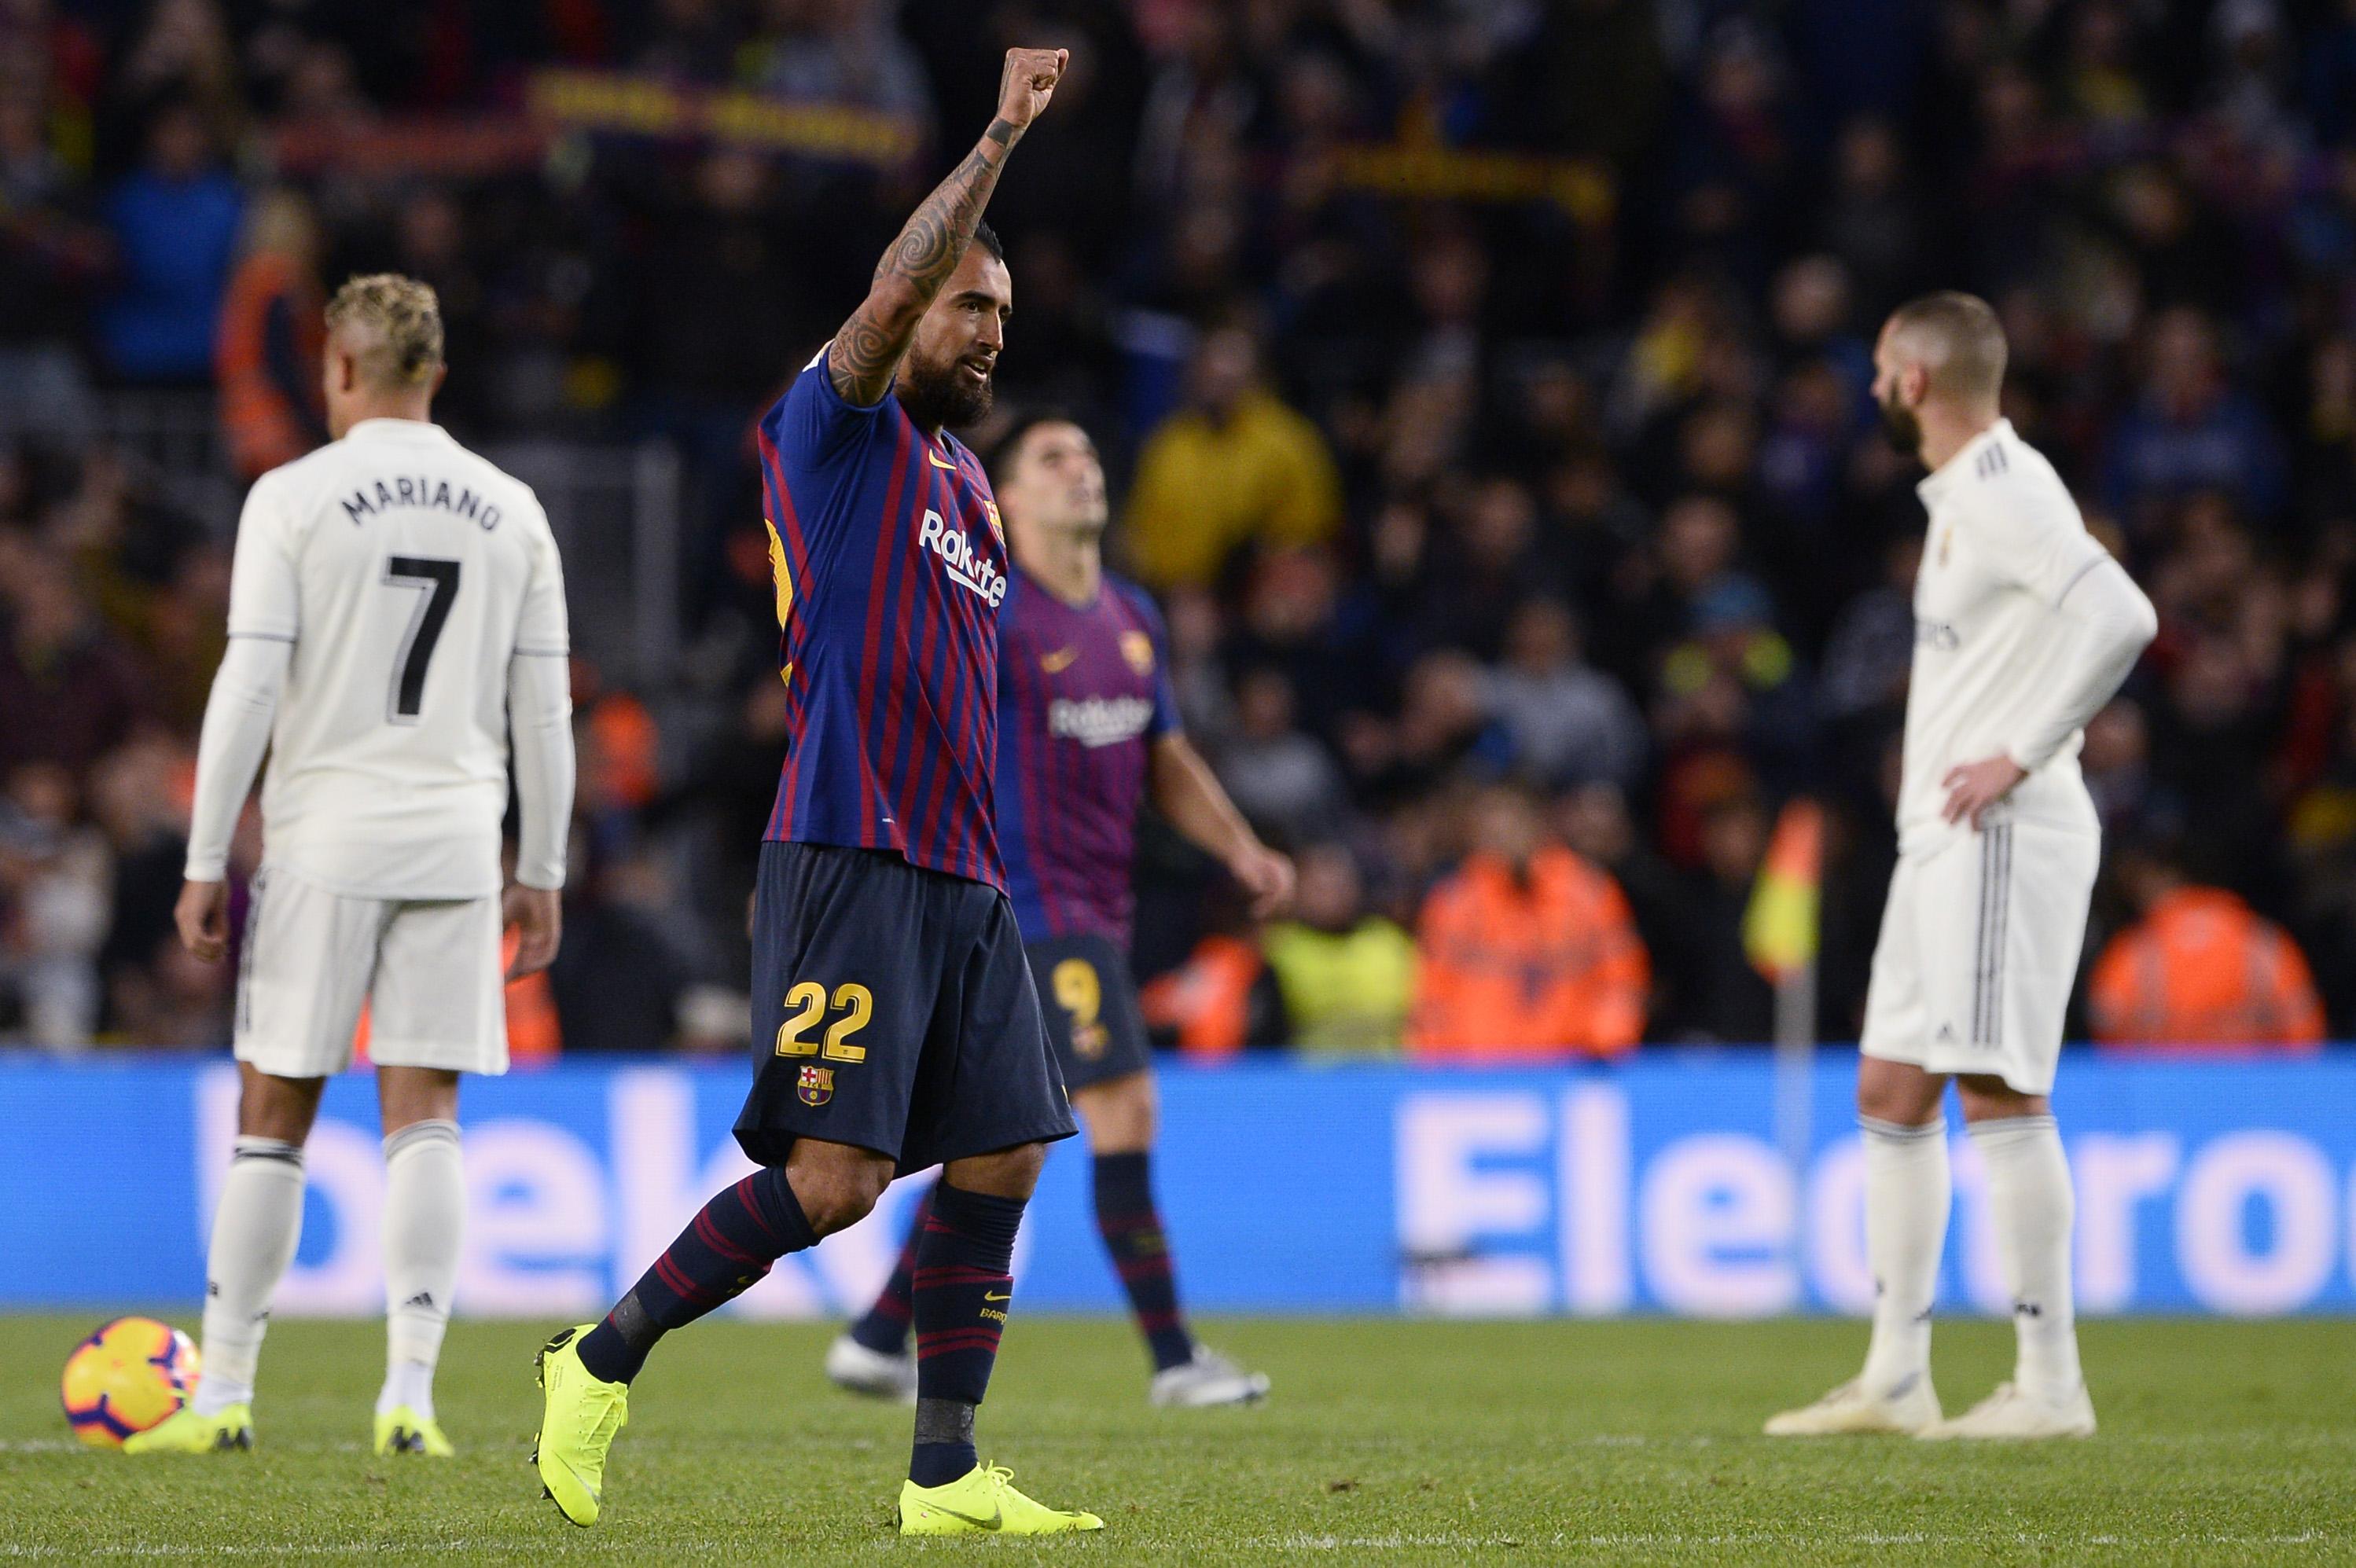 نهاية لقاء ريال وبرشلونة بفوز رفاقء ميسي 5 مقابل هدف وحيد (تشرين الثاني /أكتوبر 2018)